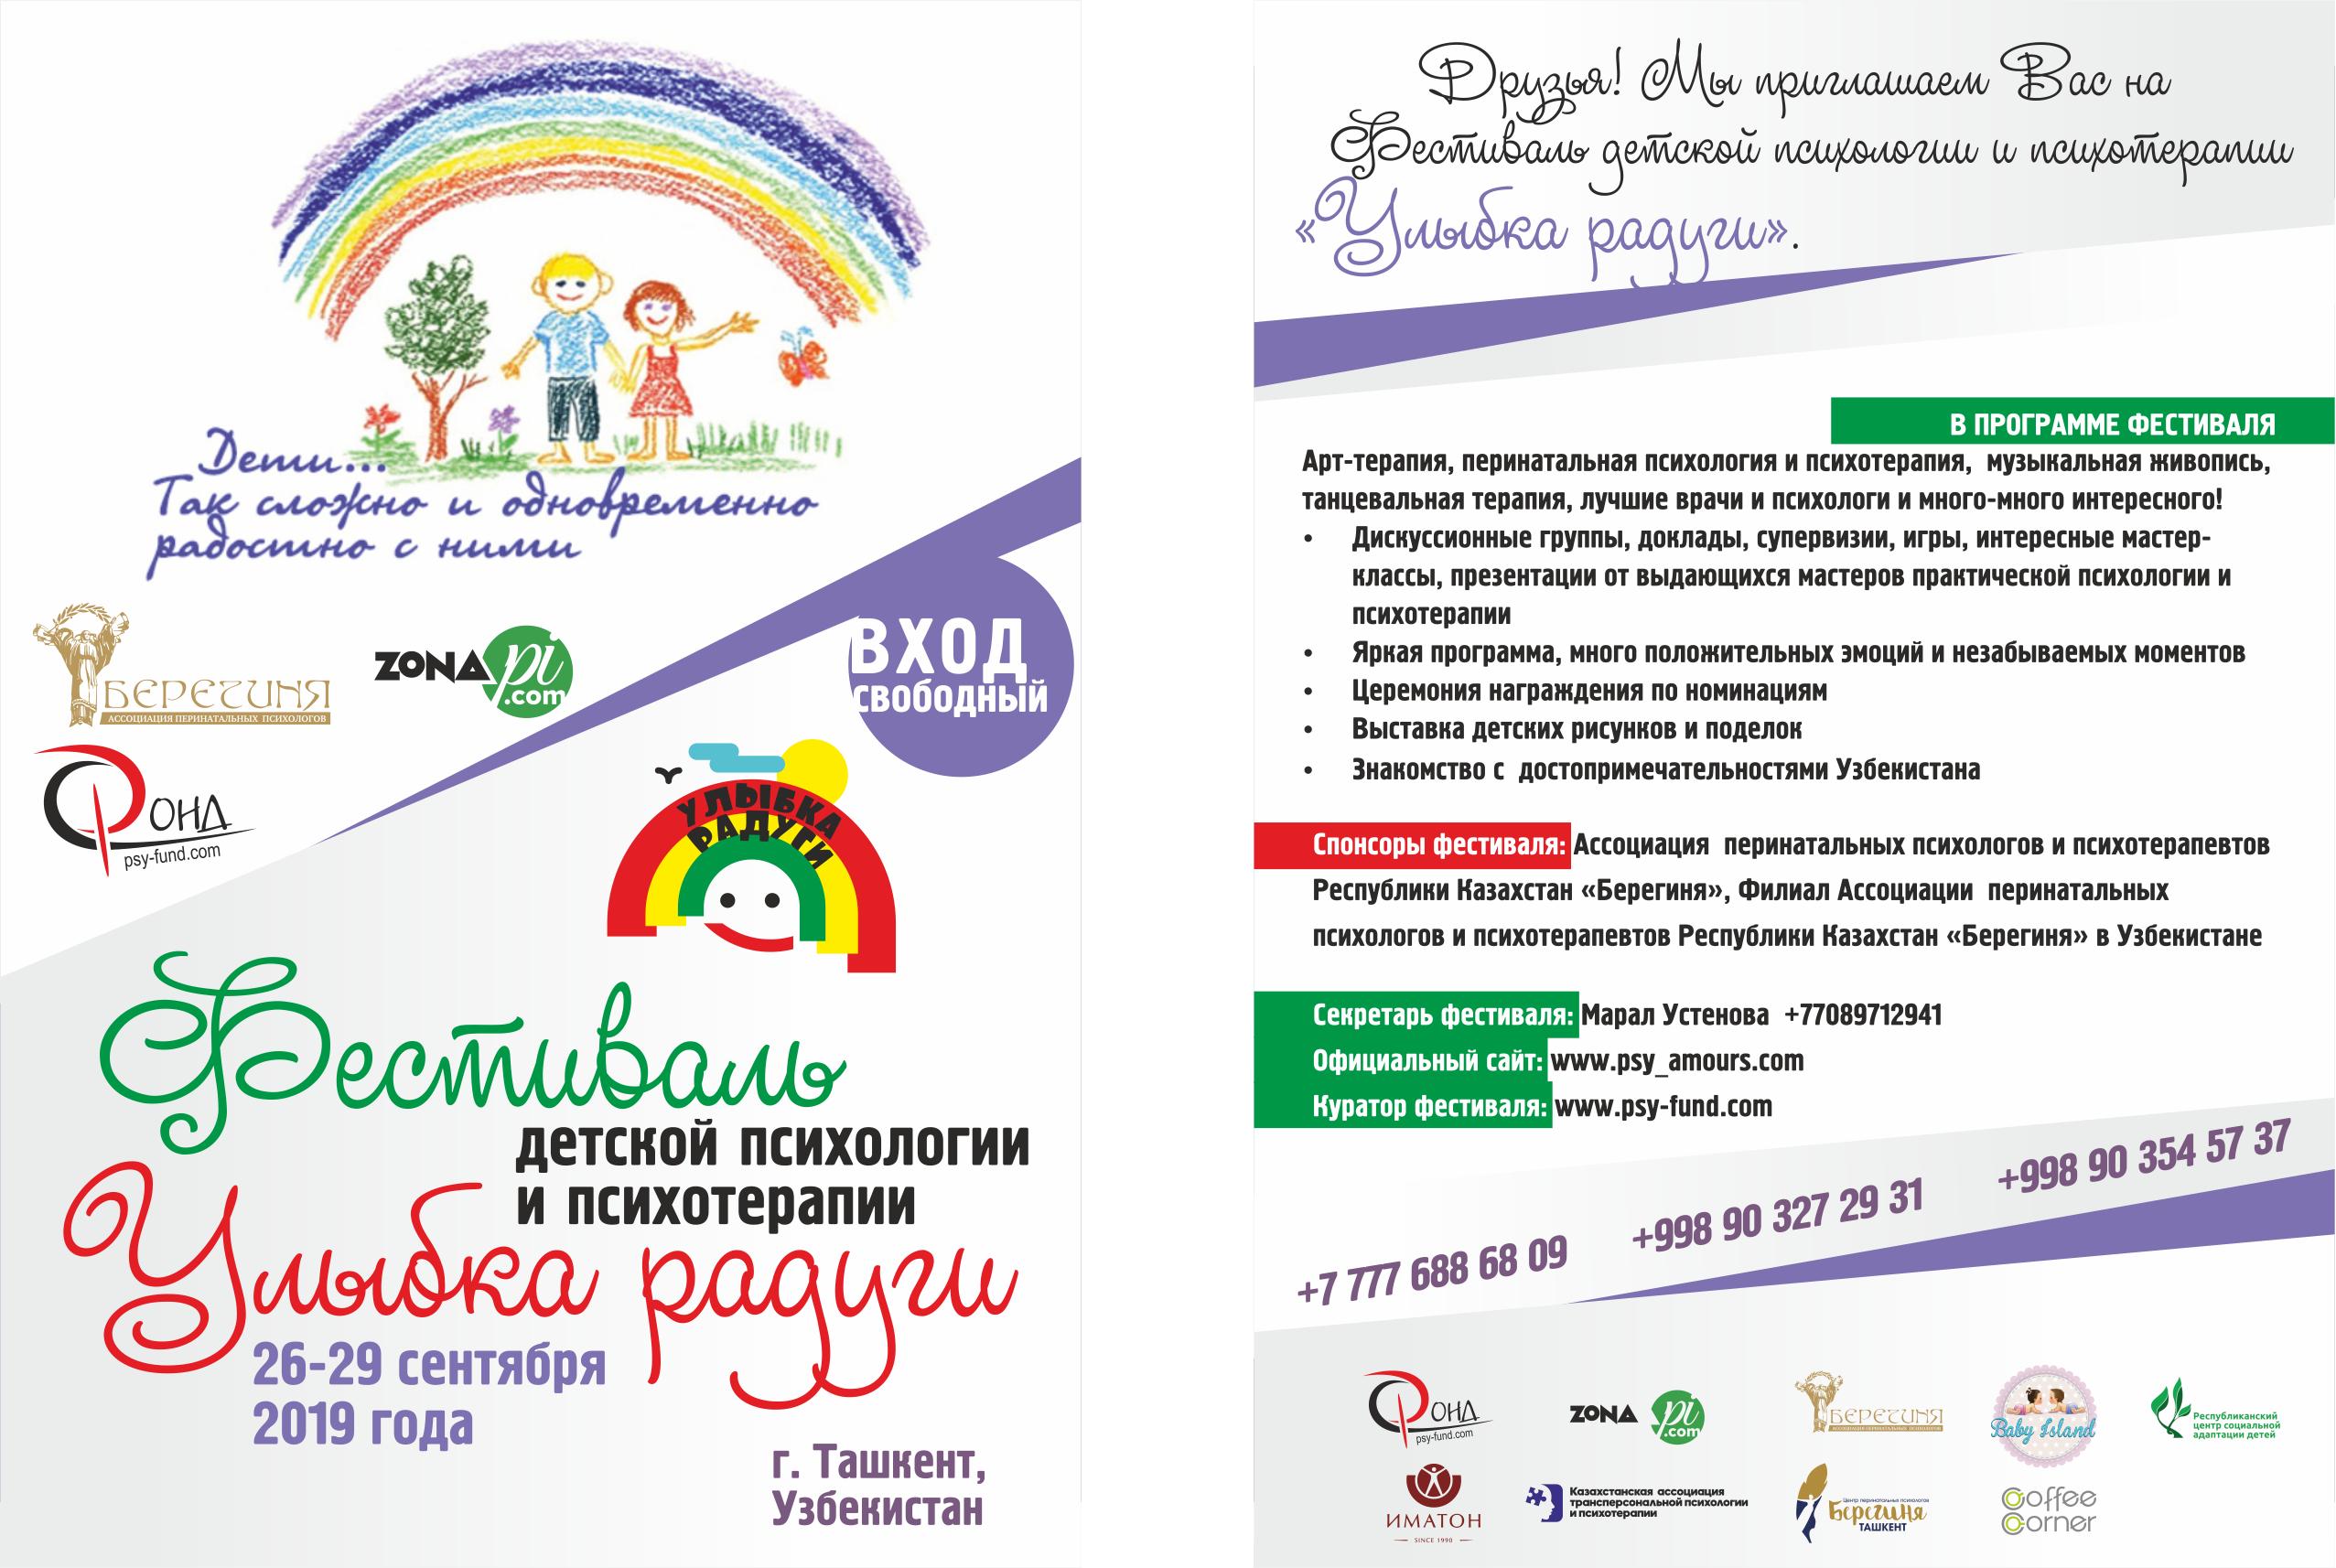 В Ташкенте пройдёт фестиваль «Улыбка радуги»